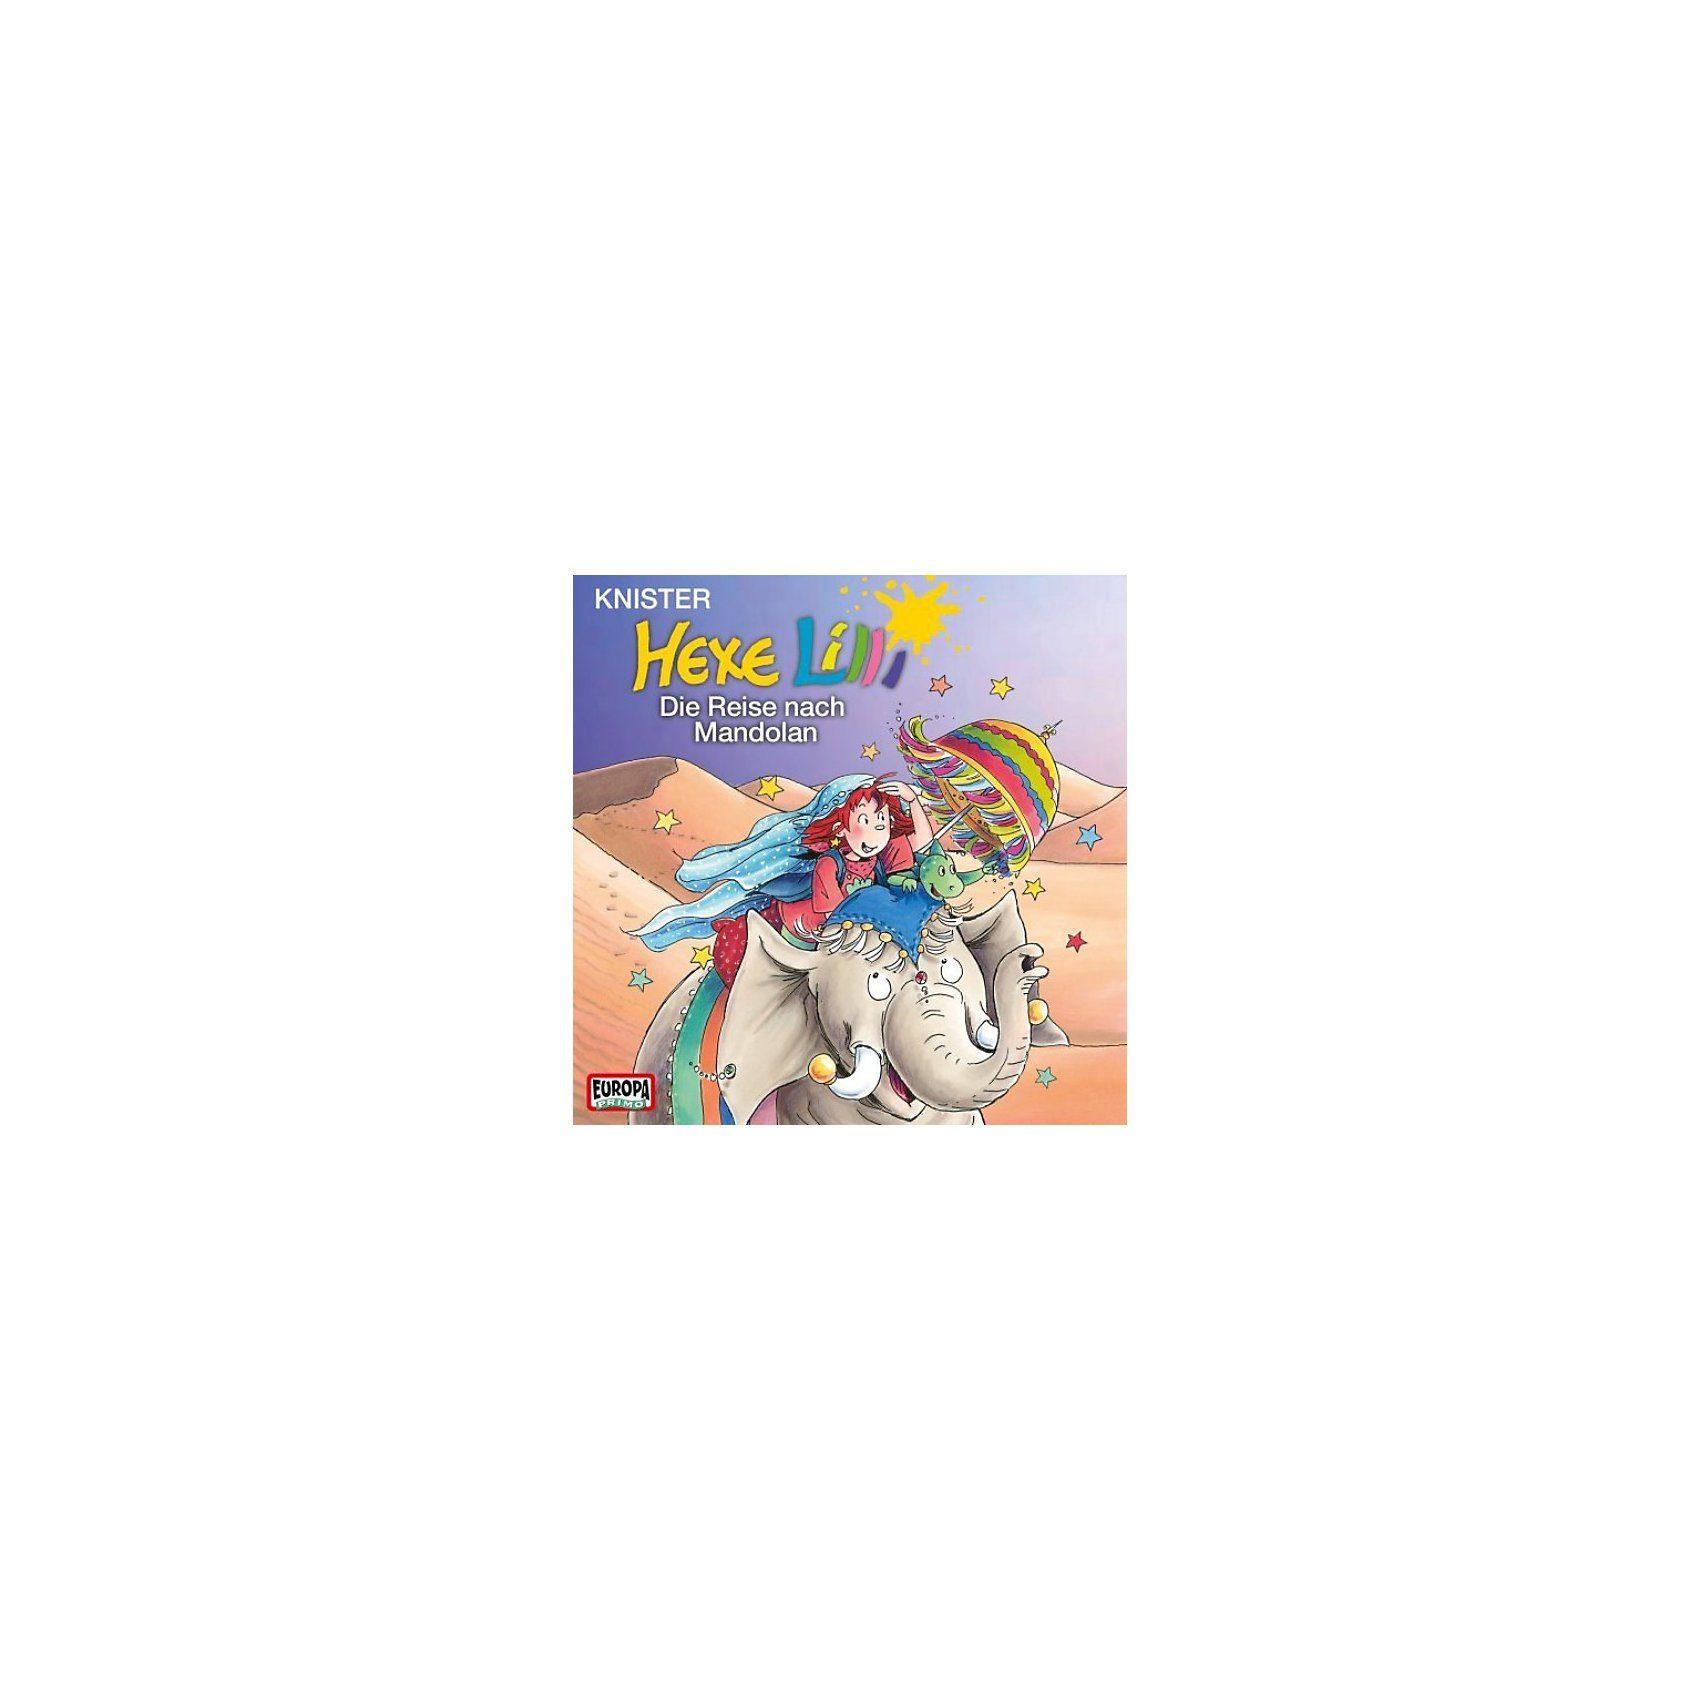 Sony CD Hexe Lilli 23/Die Reise nach Mandolan